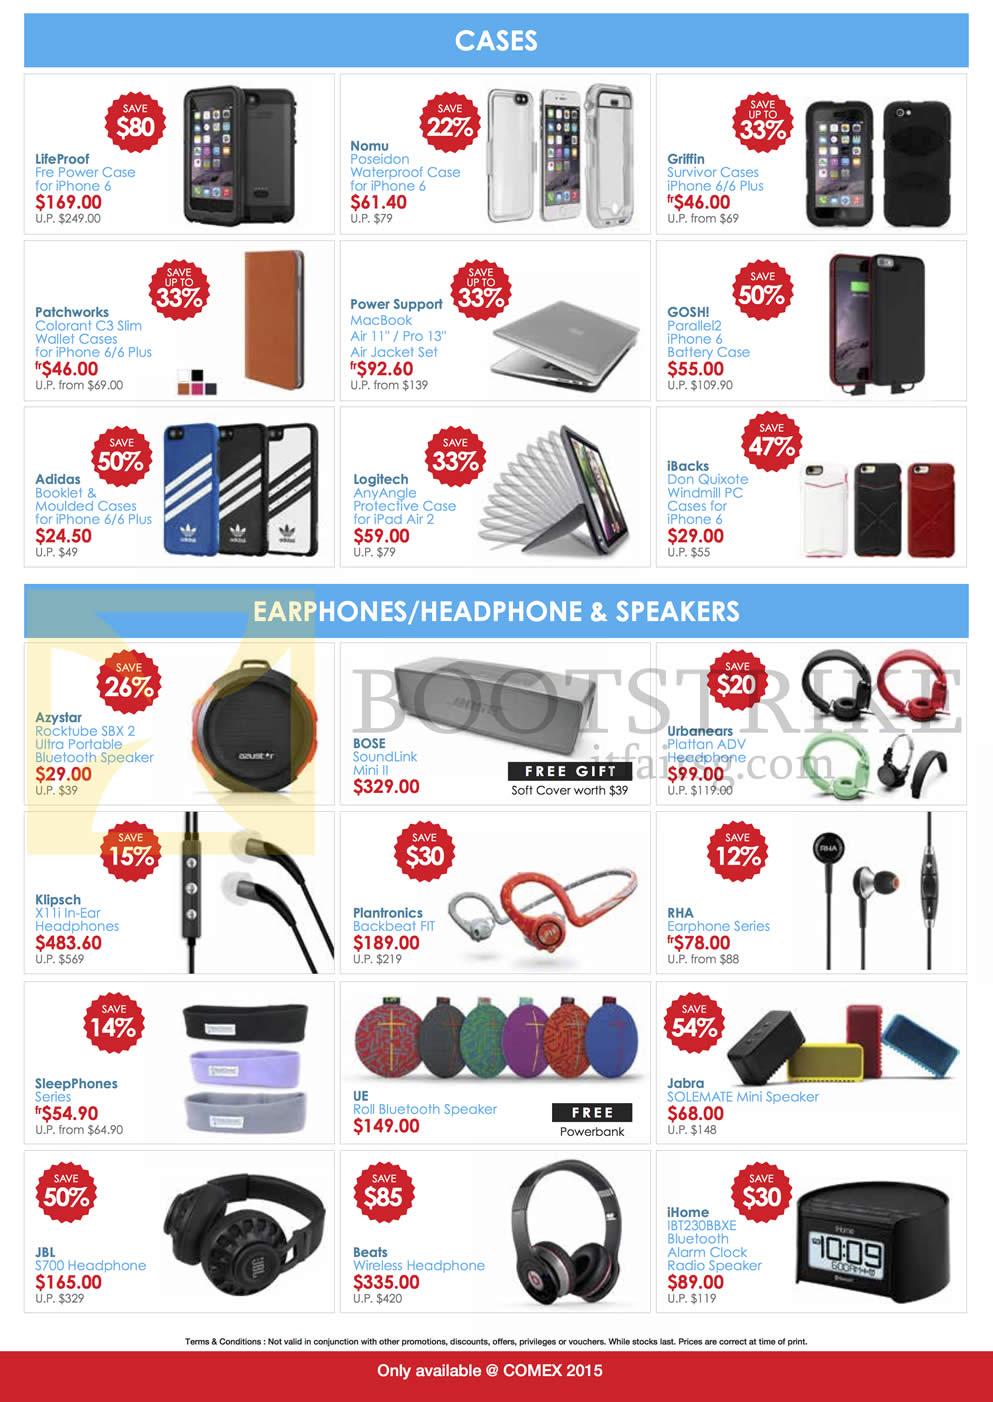 EpiCentre Cases, Earphones, Headphones, Speakers, Lifeproof